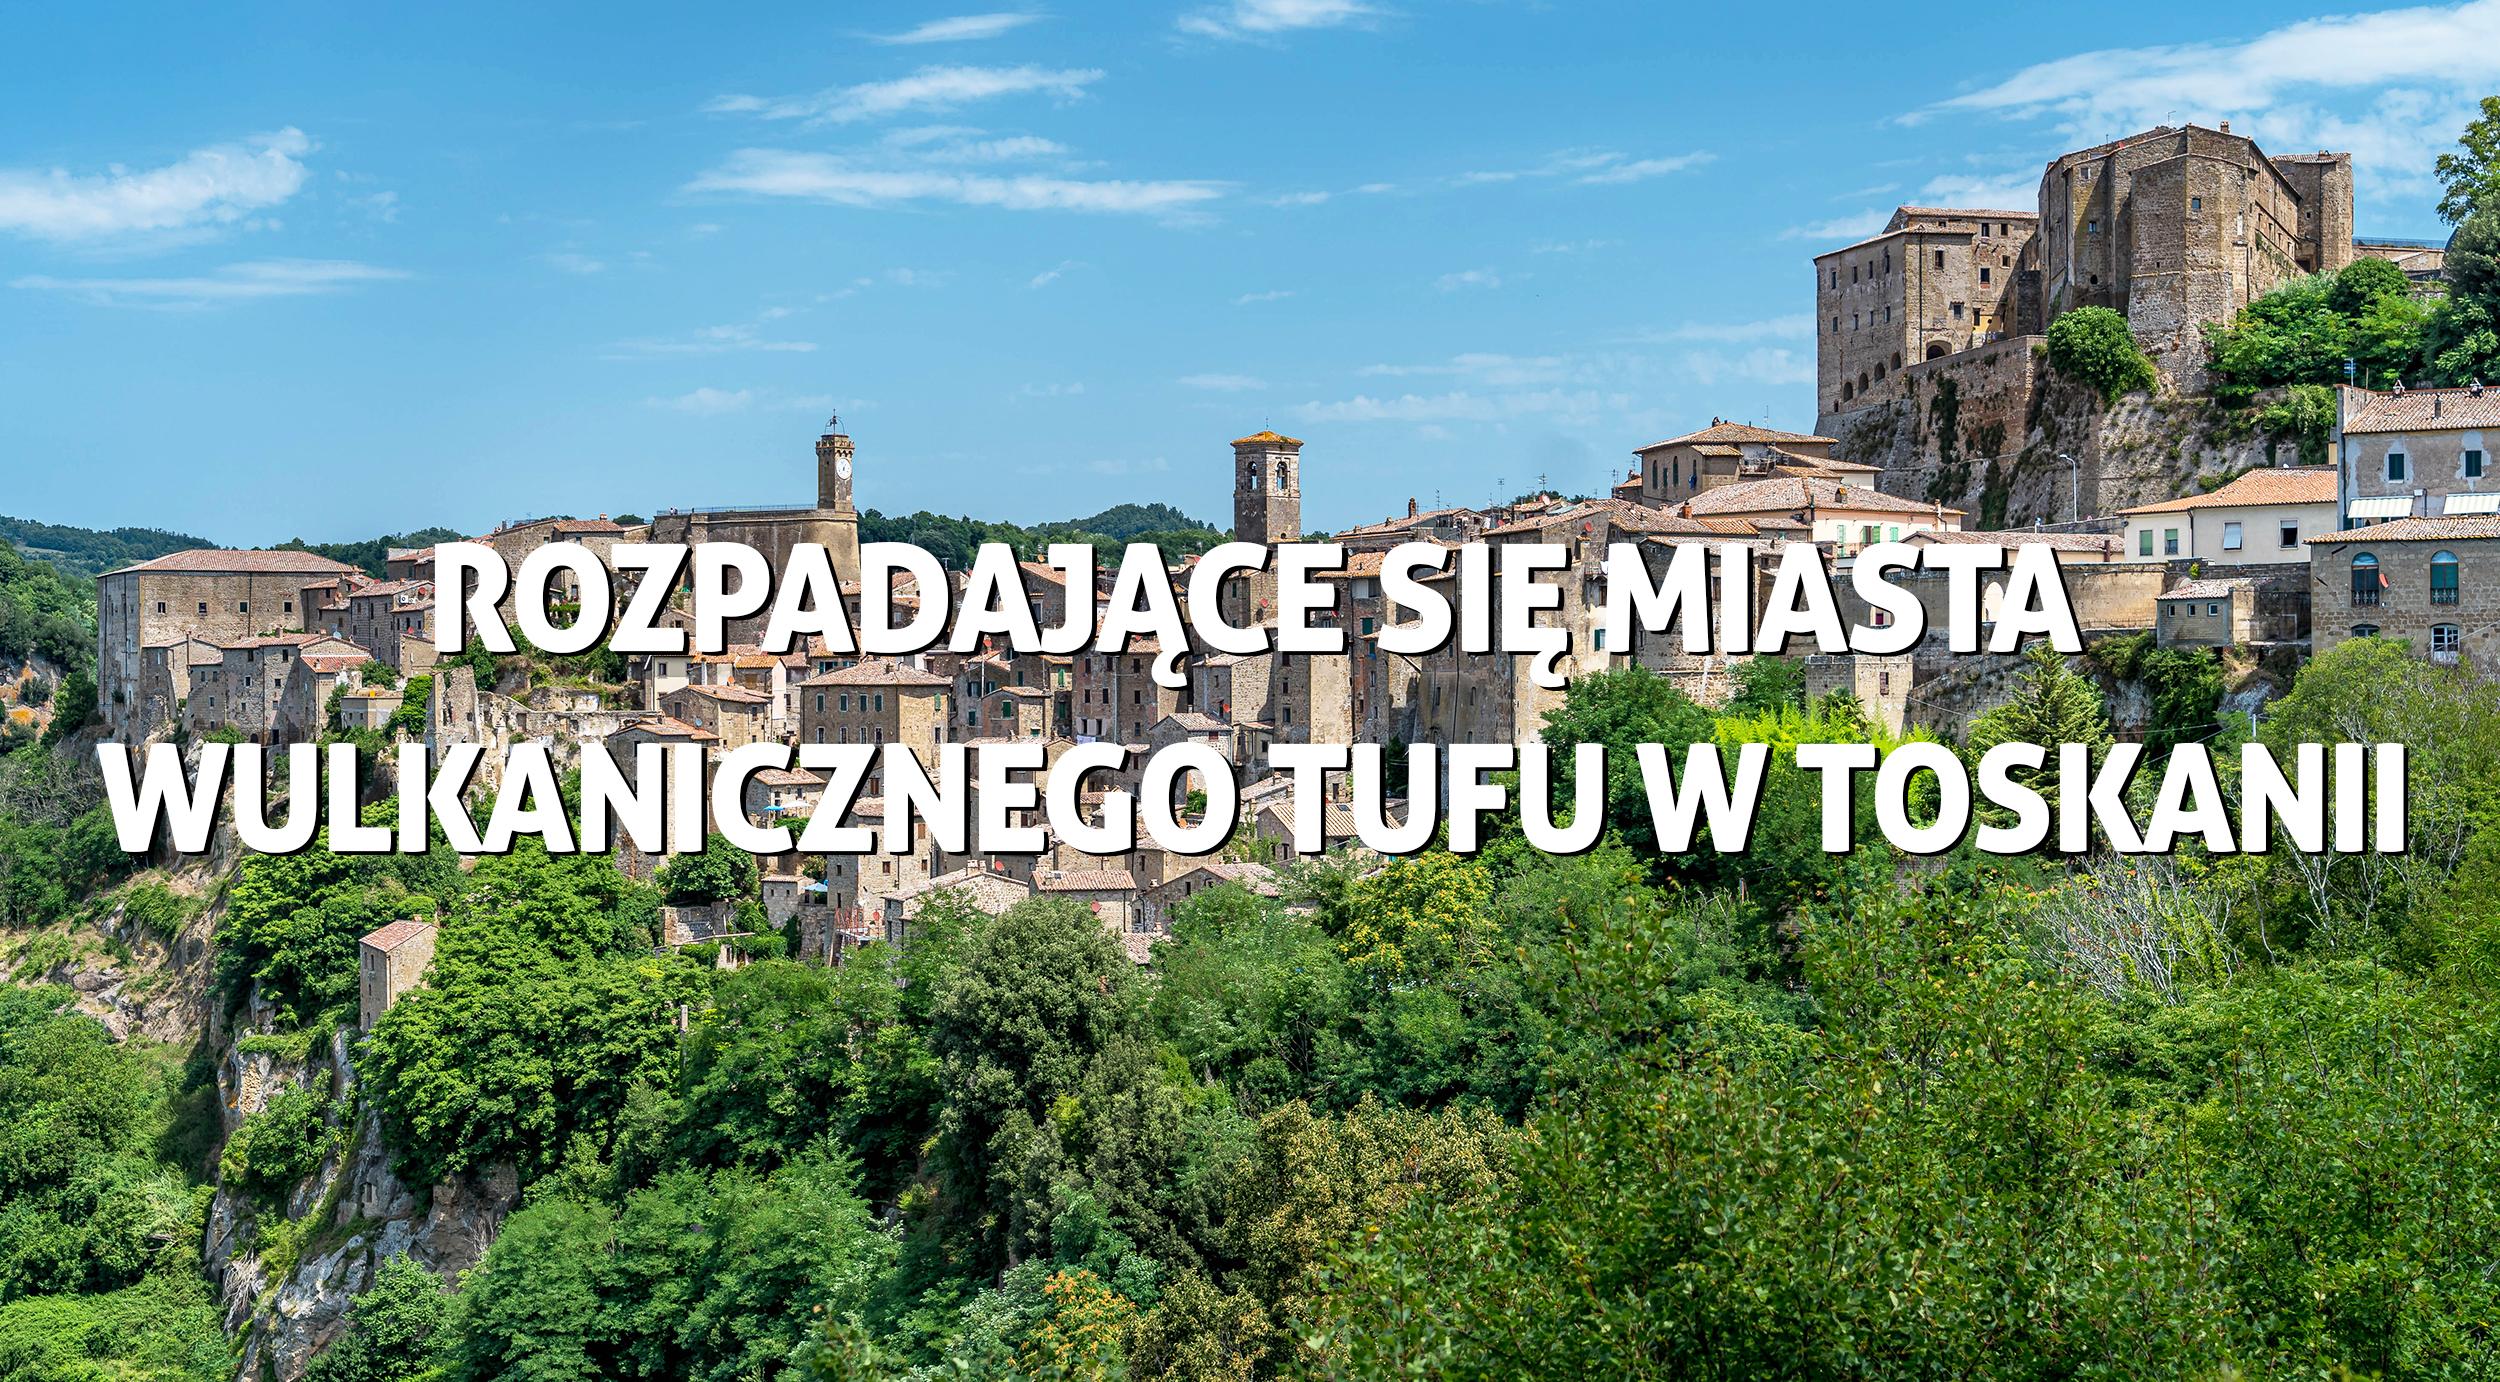 tufowe miasta w Toskanii